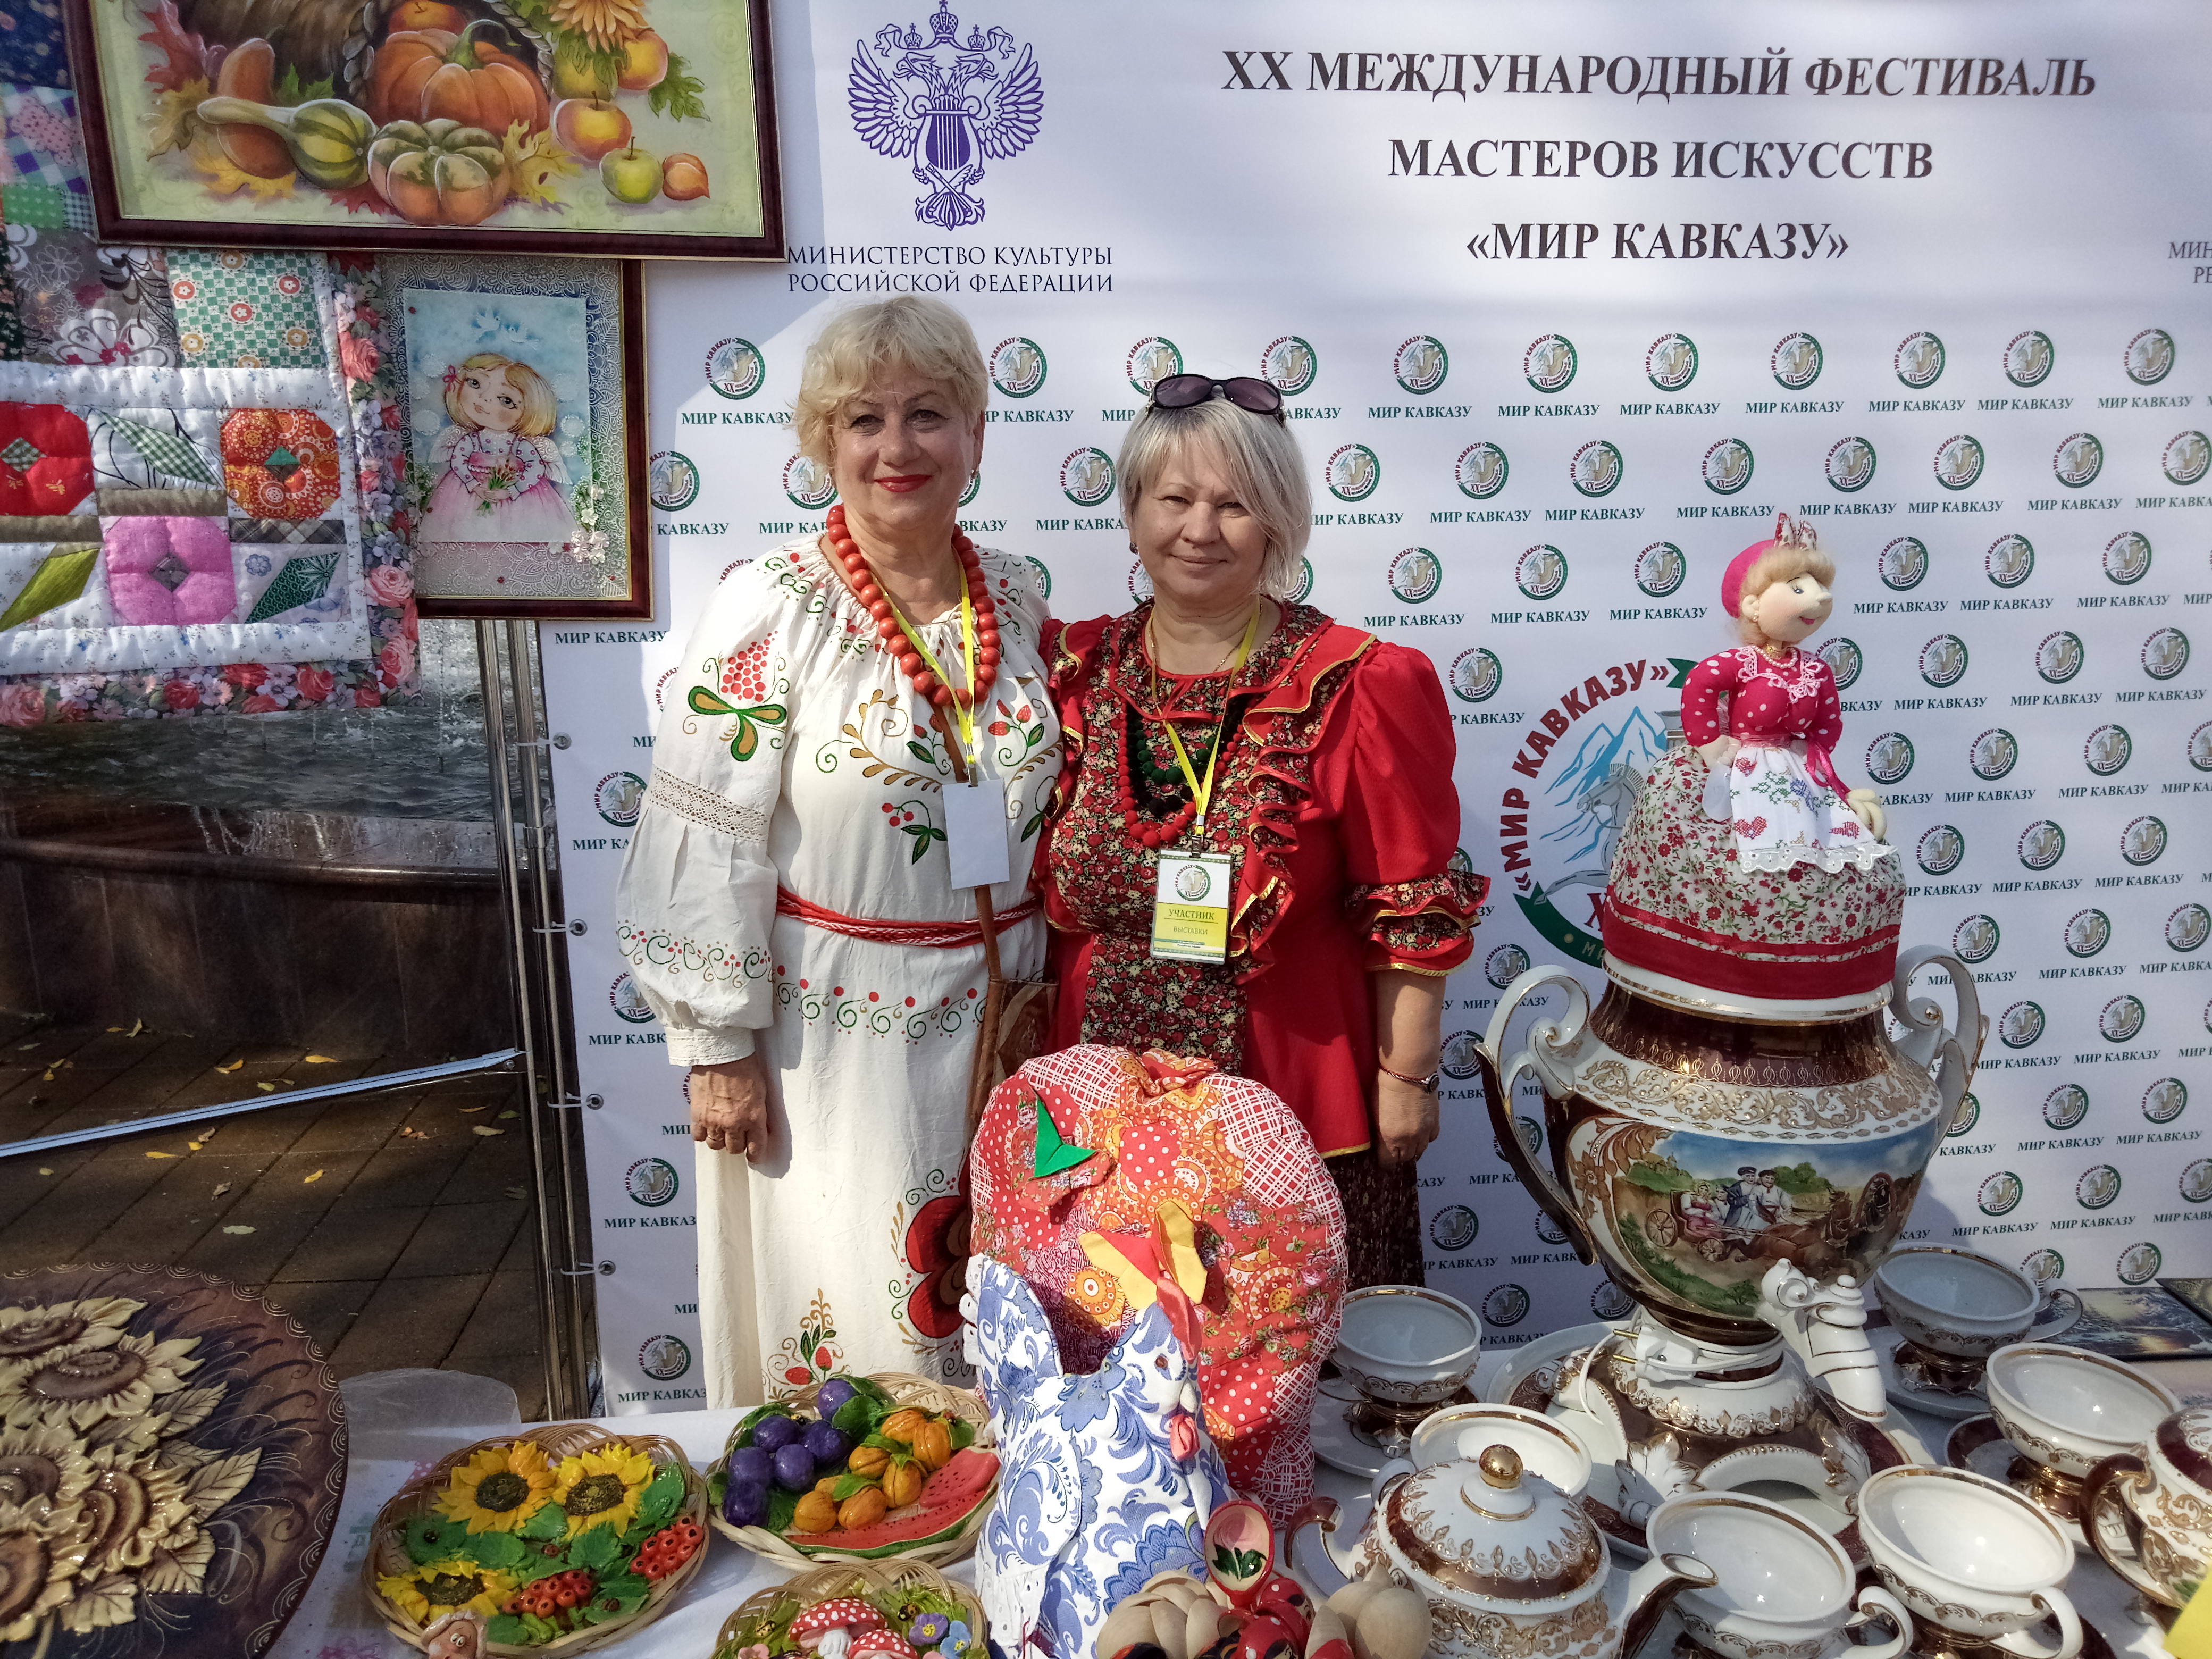 Ставропольские мастера стали участниками выставки XX Международного фестиваля искусств «Мир Кавказу»